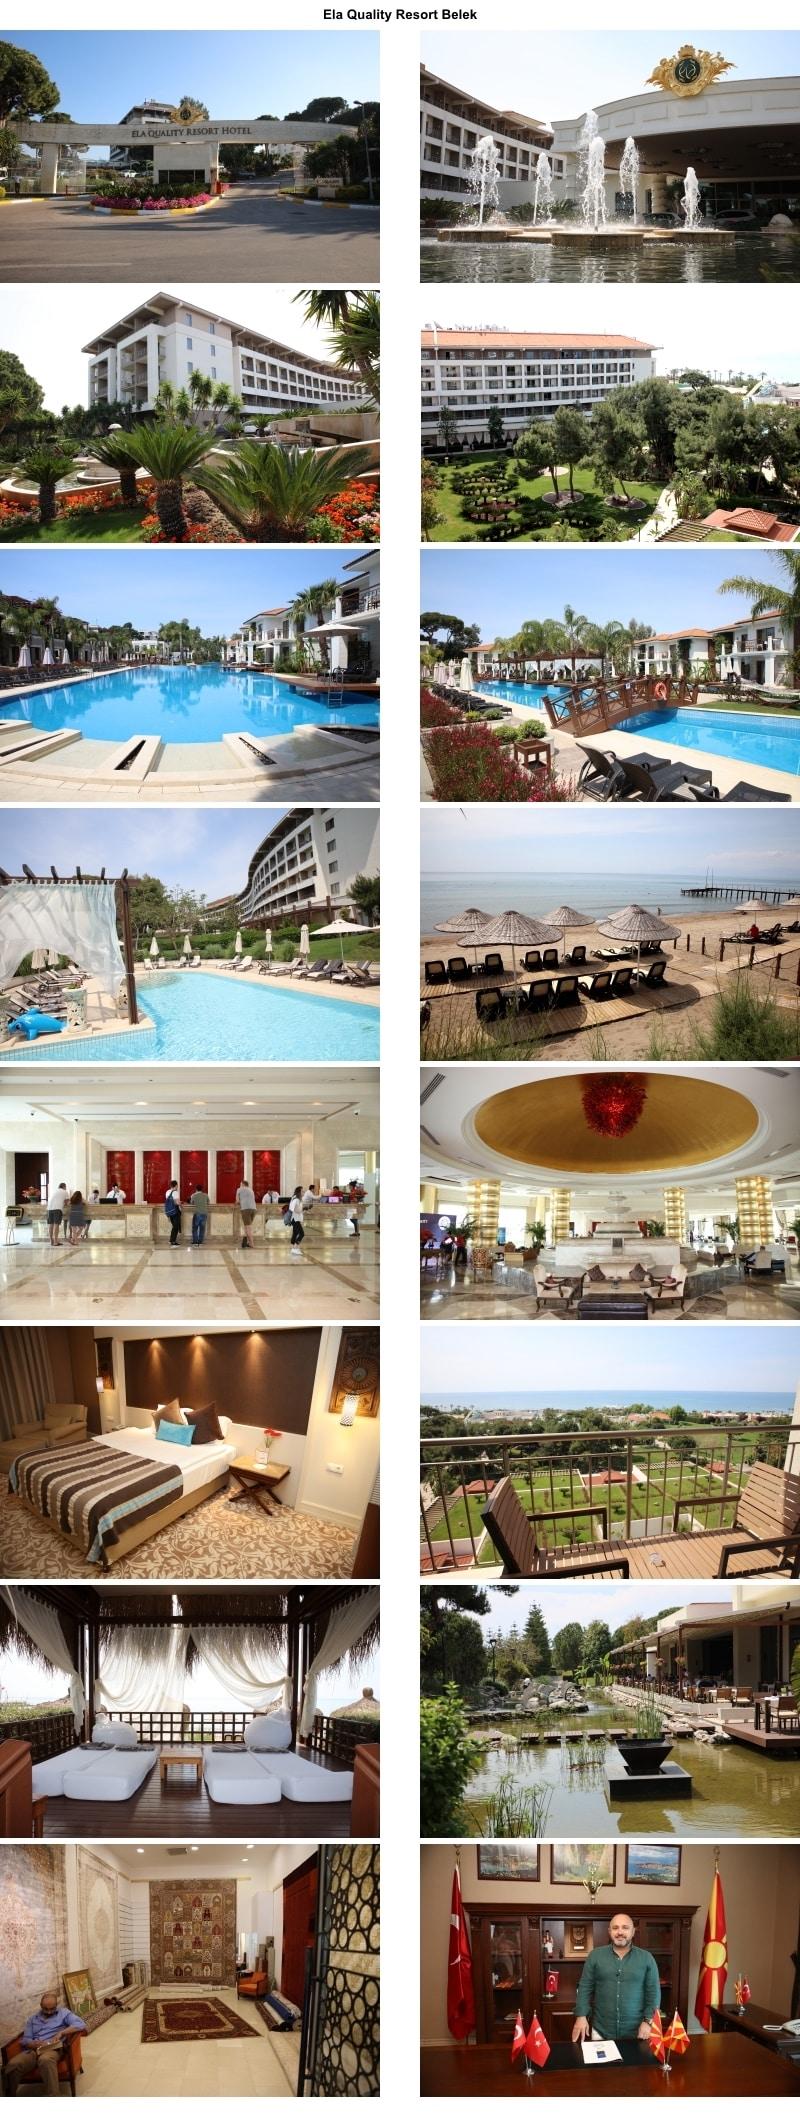 Photo of Das Ela Quality Resort